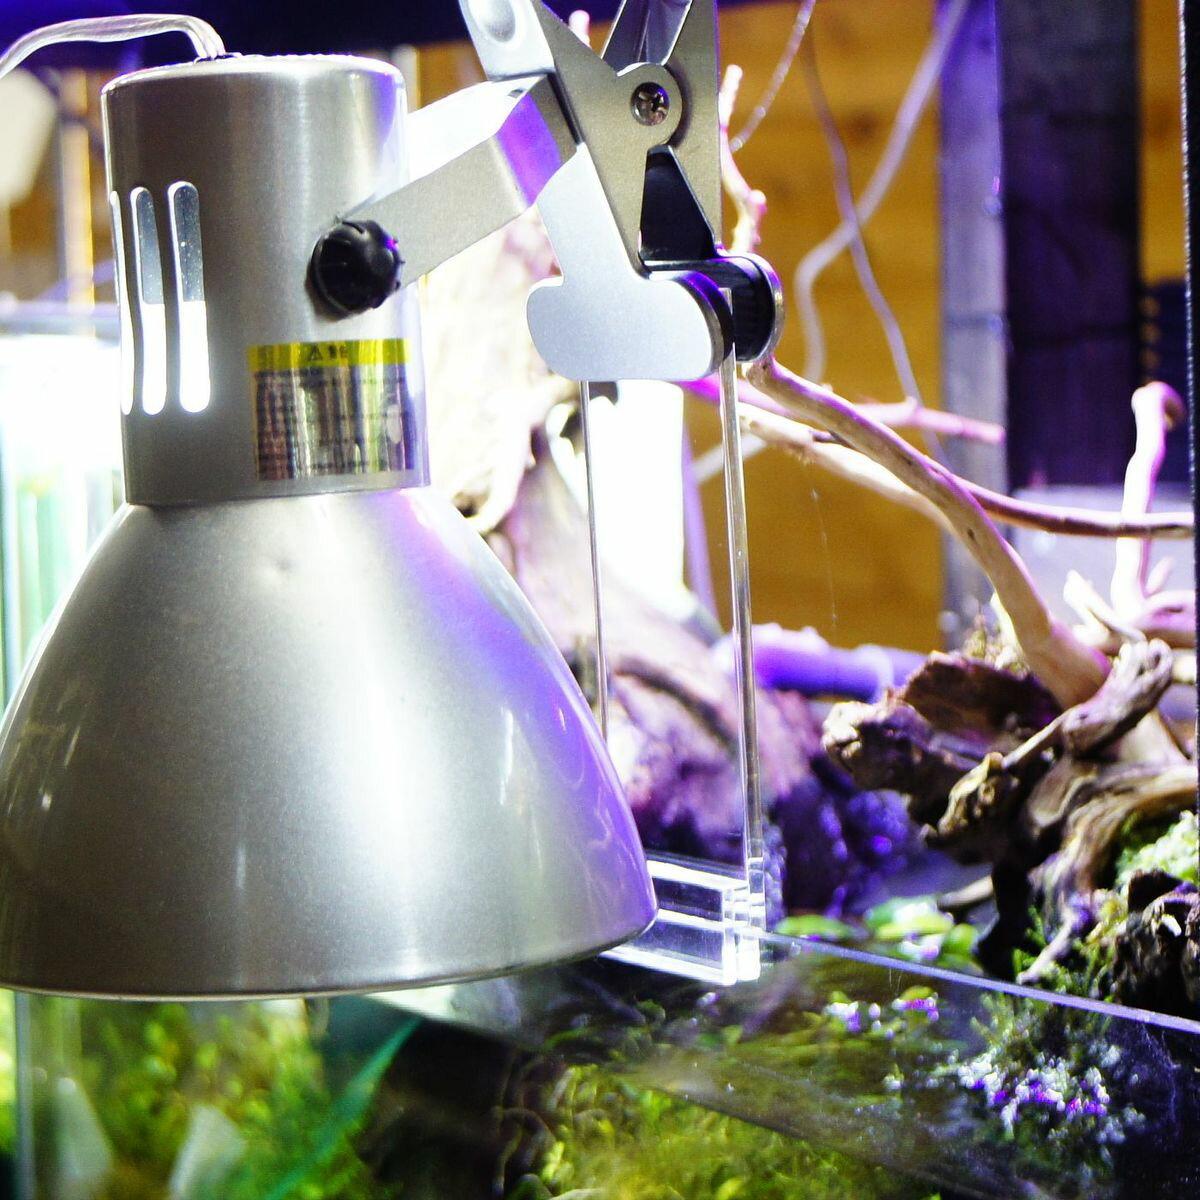 クリップライト用 アクリルライトスタンド 15cm延長 アクアリウム アクアテラリウム 水槽 ライトリフト